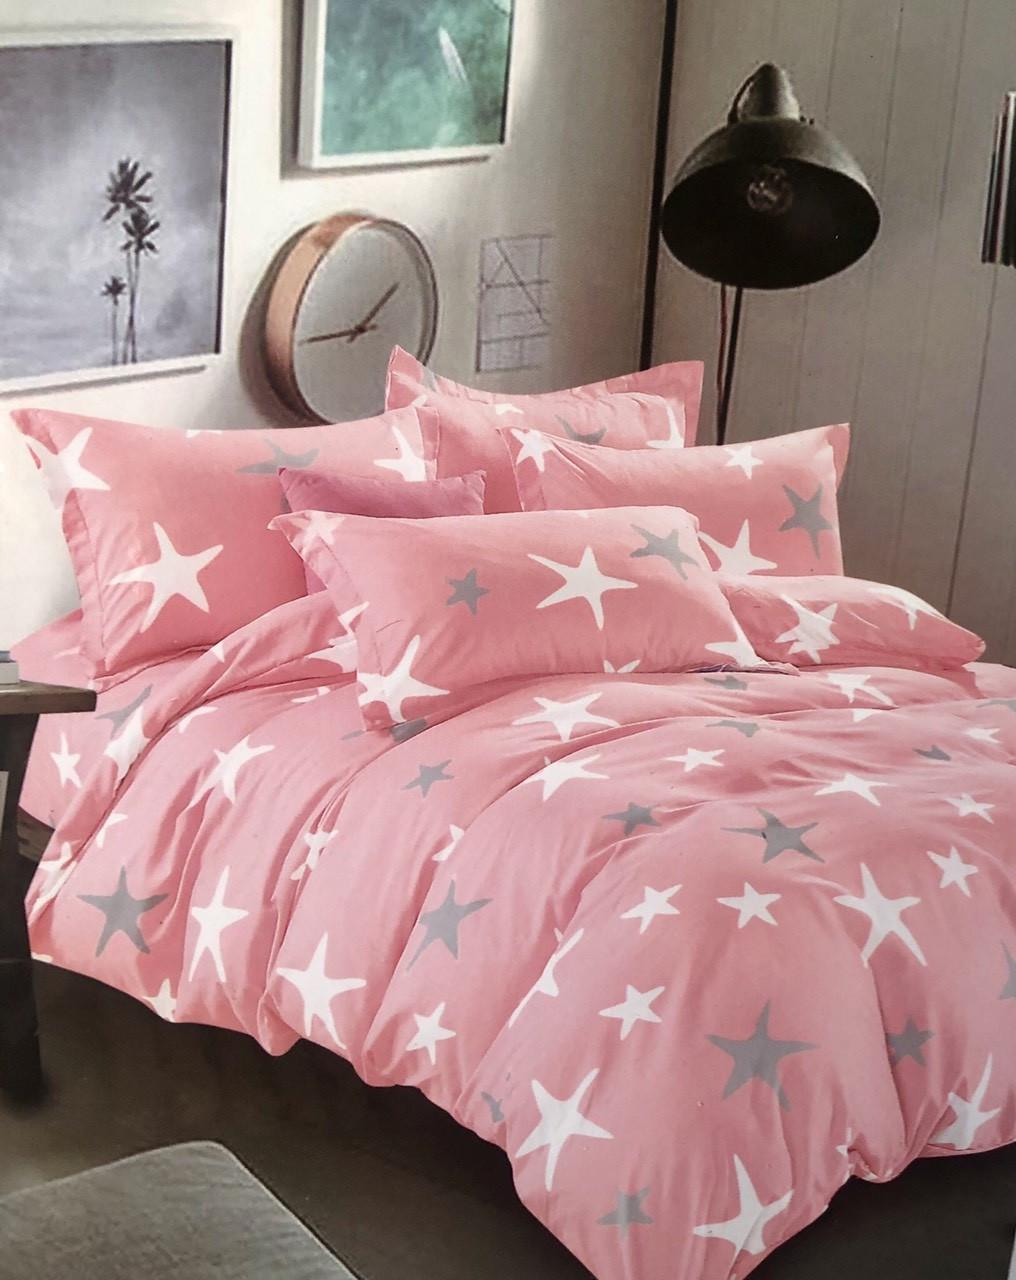 Комплект постельное белье, 100% хлопок, двухцветное, 200×230 евро плюс